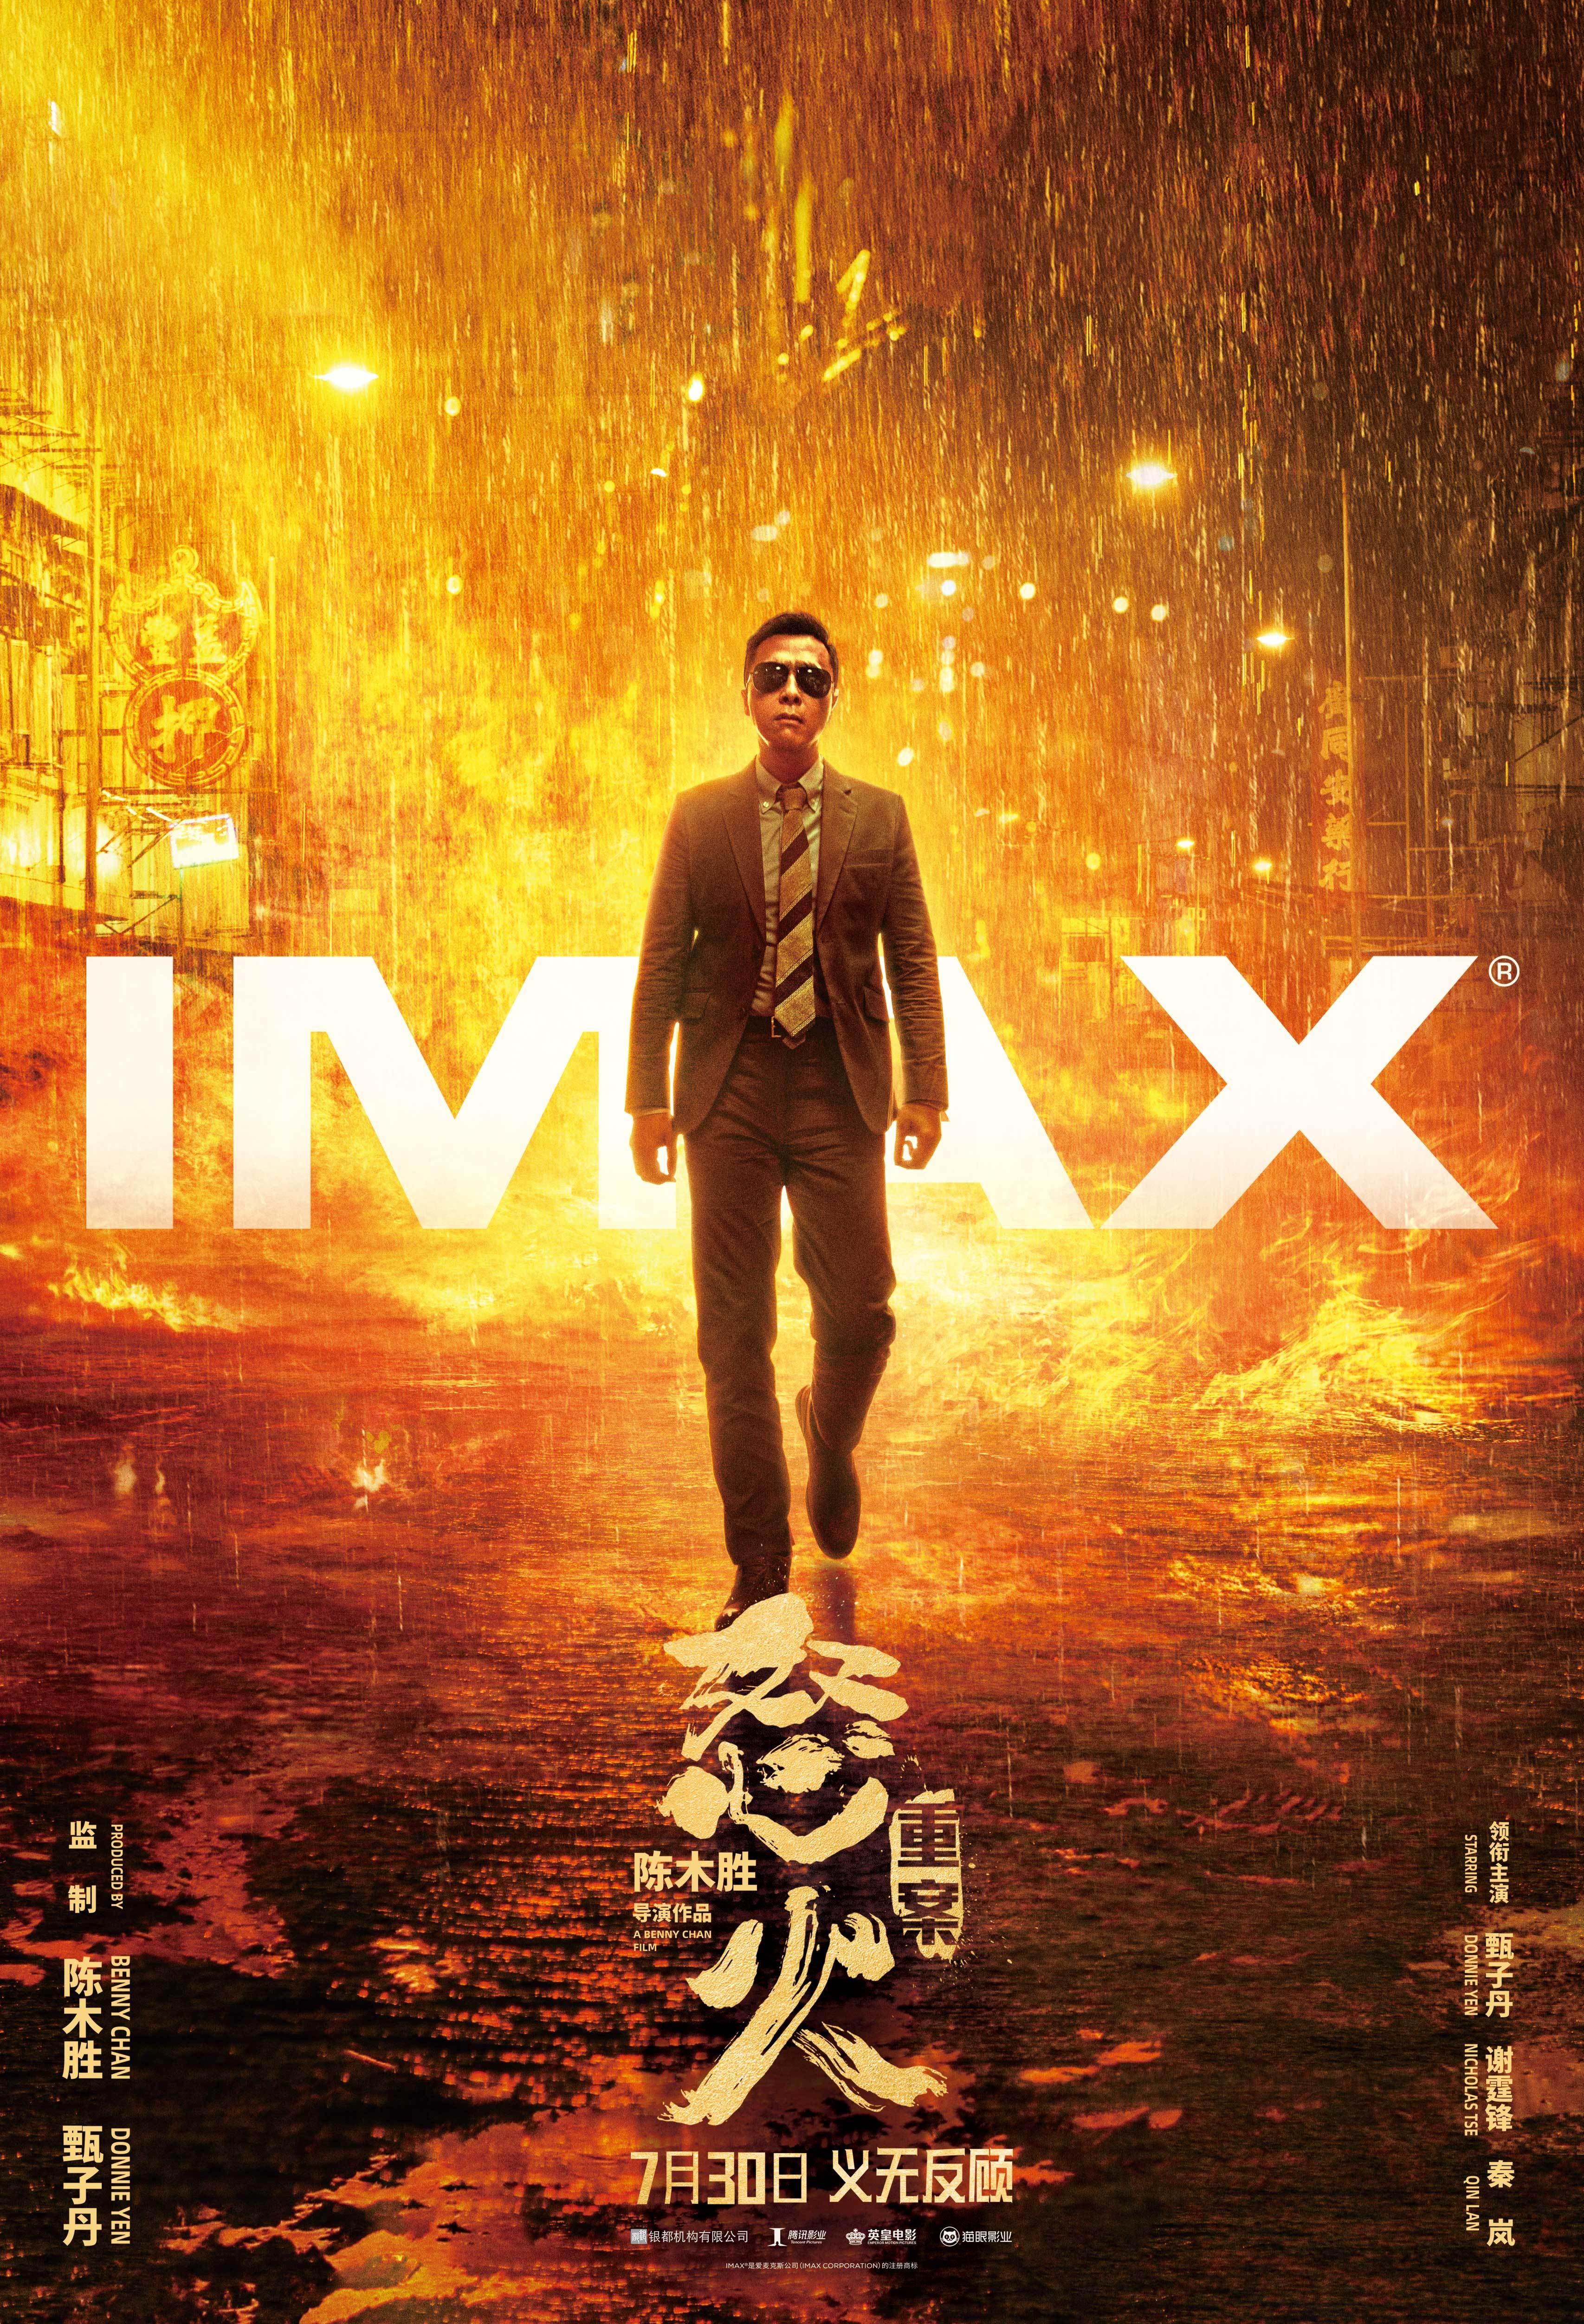 太酷炫了!《怒火·重案》IMAX专属影片海报曝光